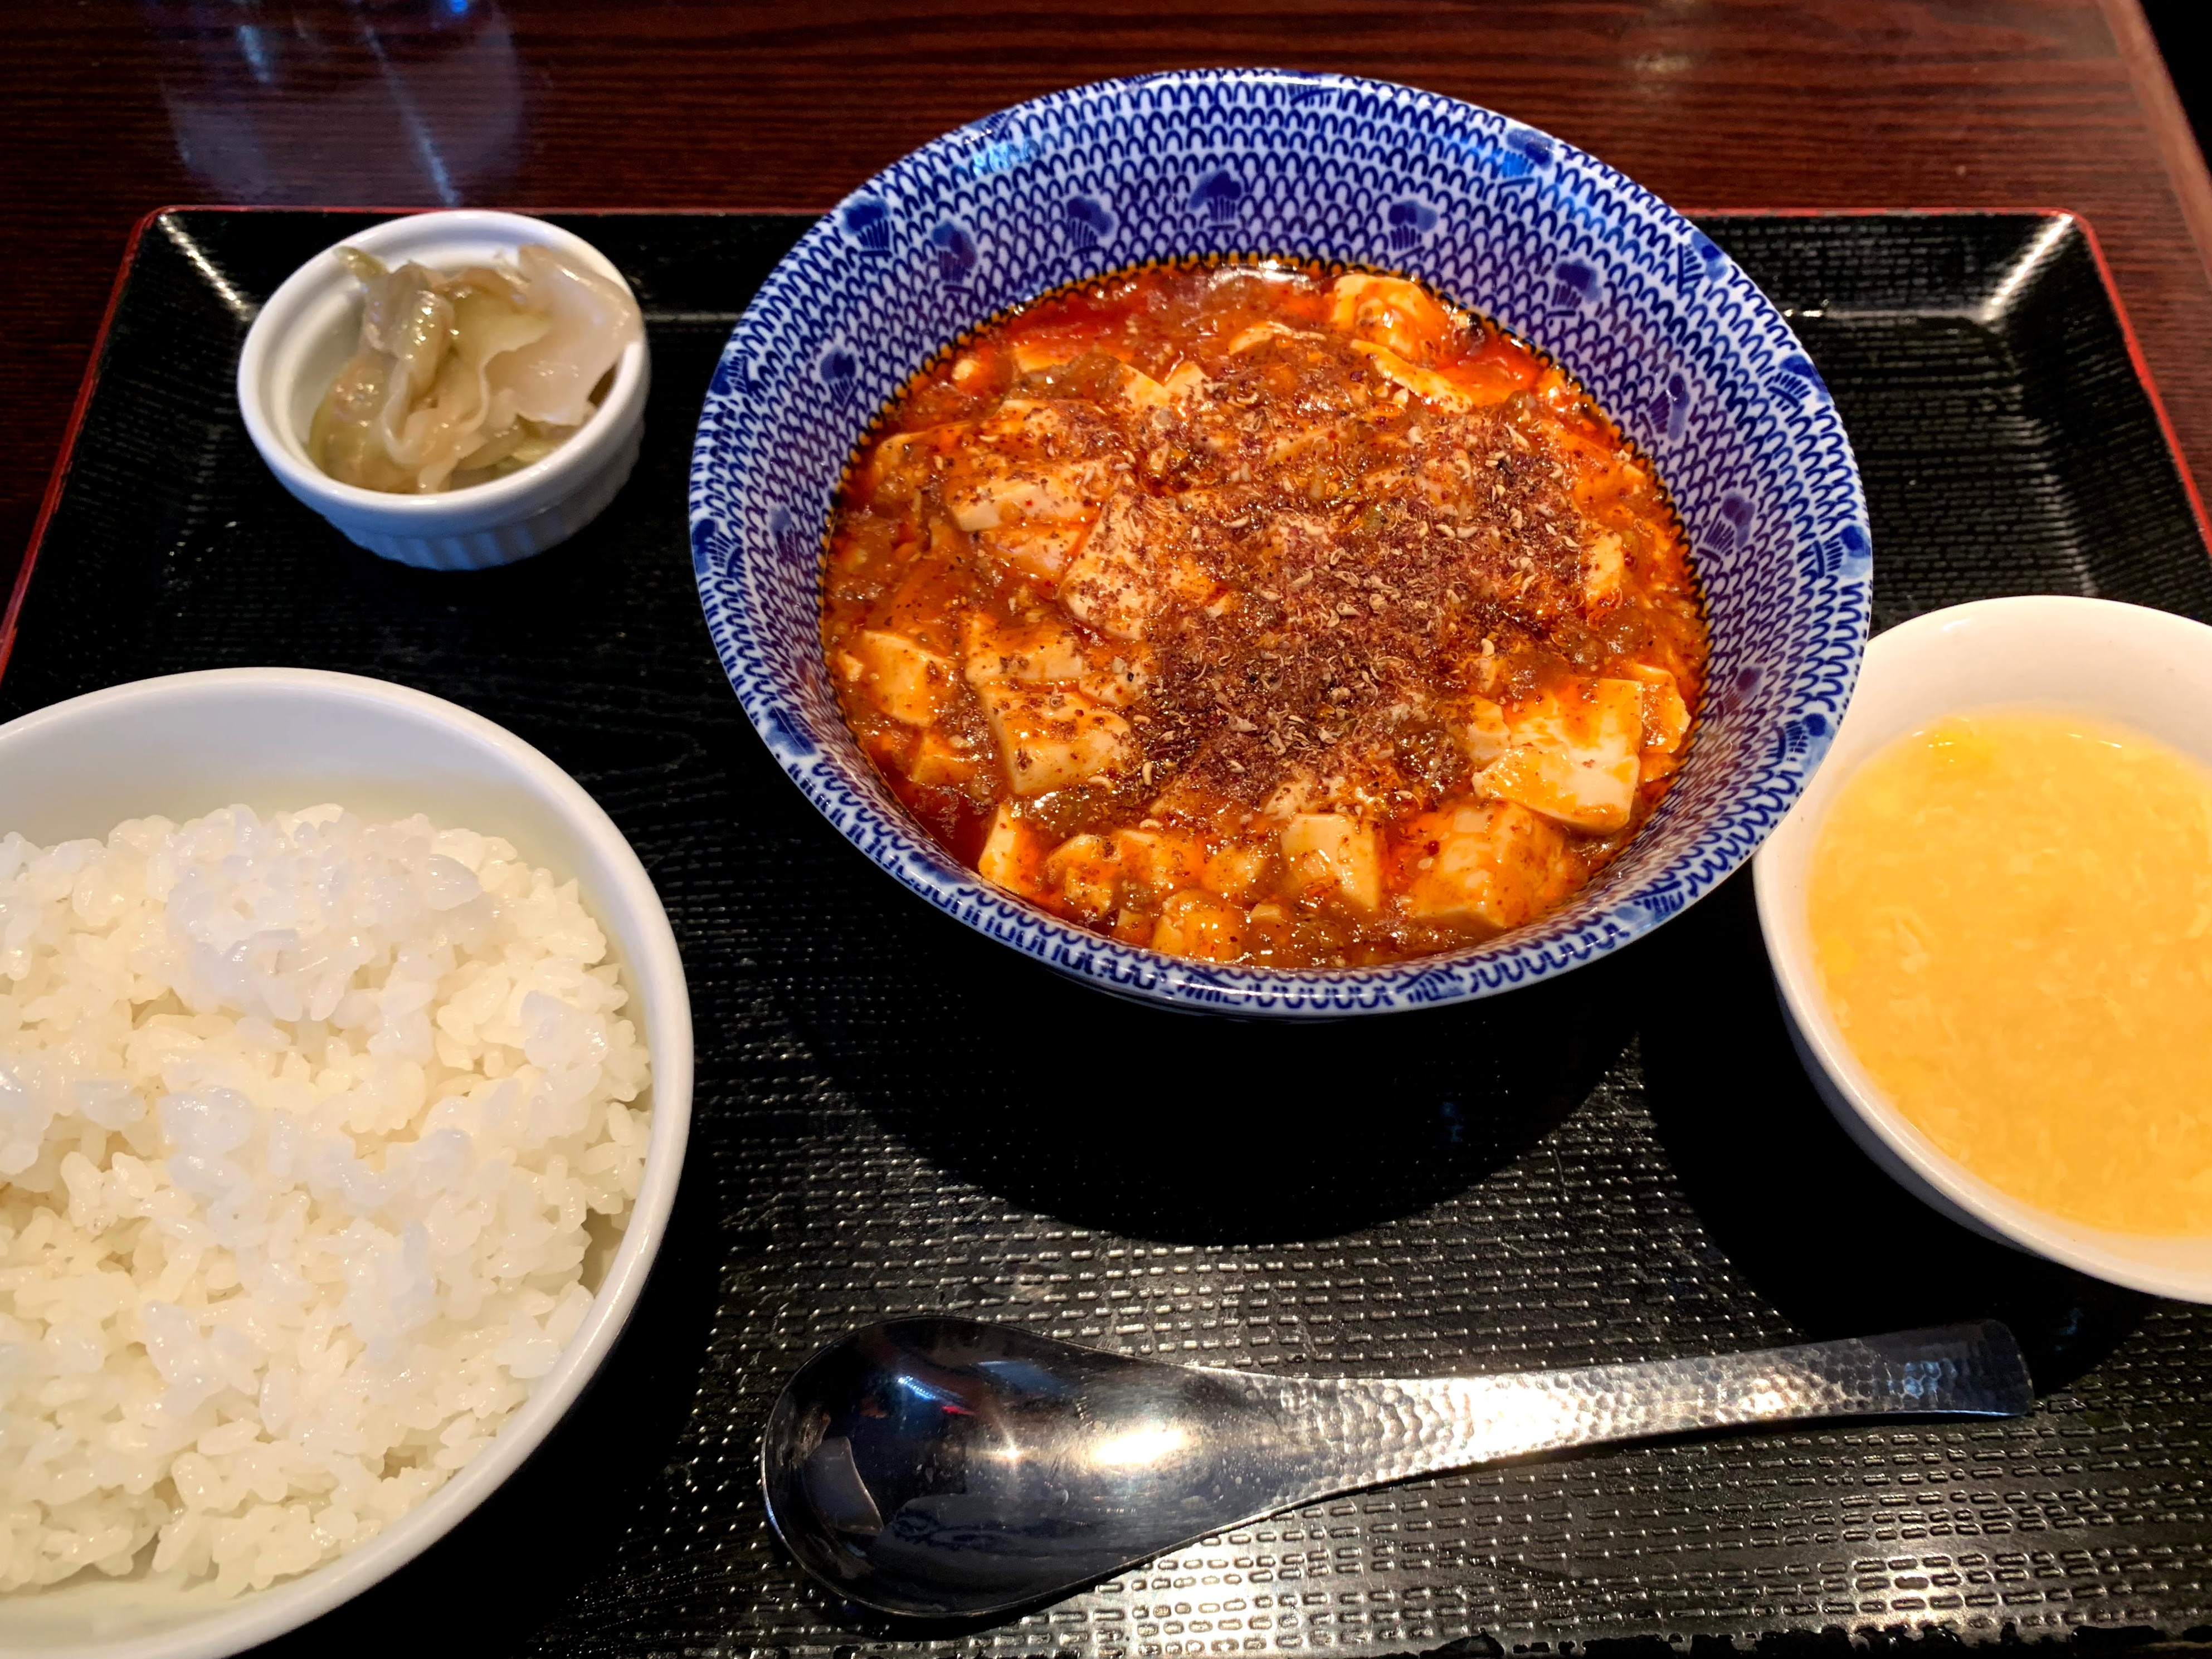 山椒が美味しい頂点麻婆豆腐 @ 芝蘭(神楽坂 / 東京)